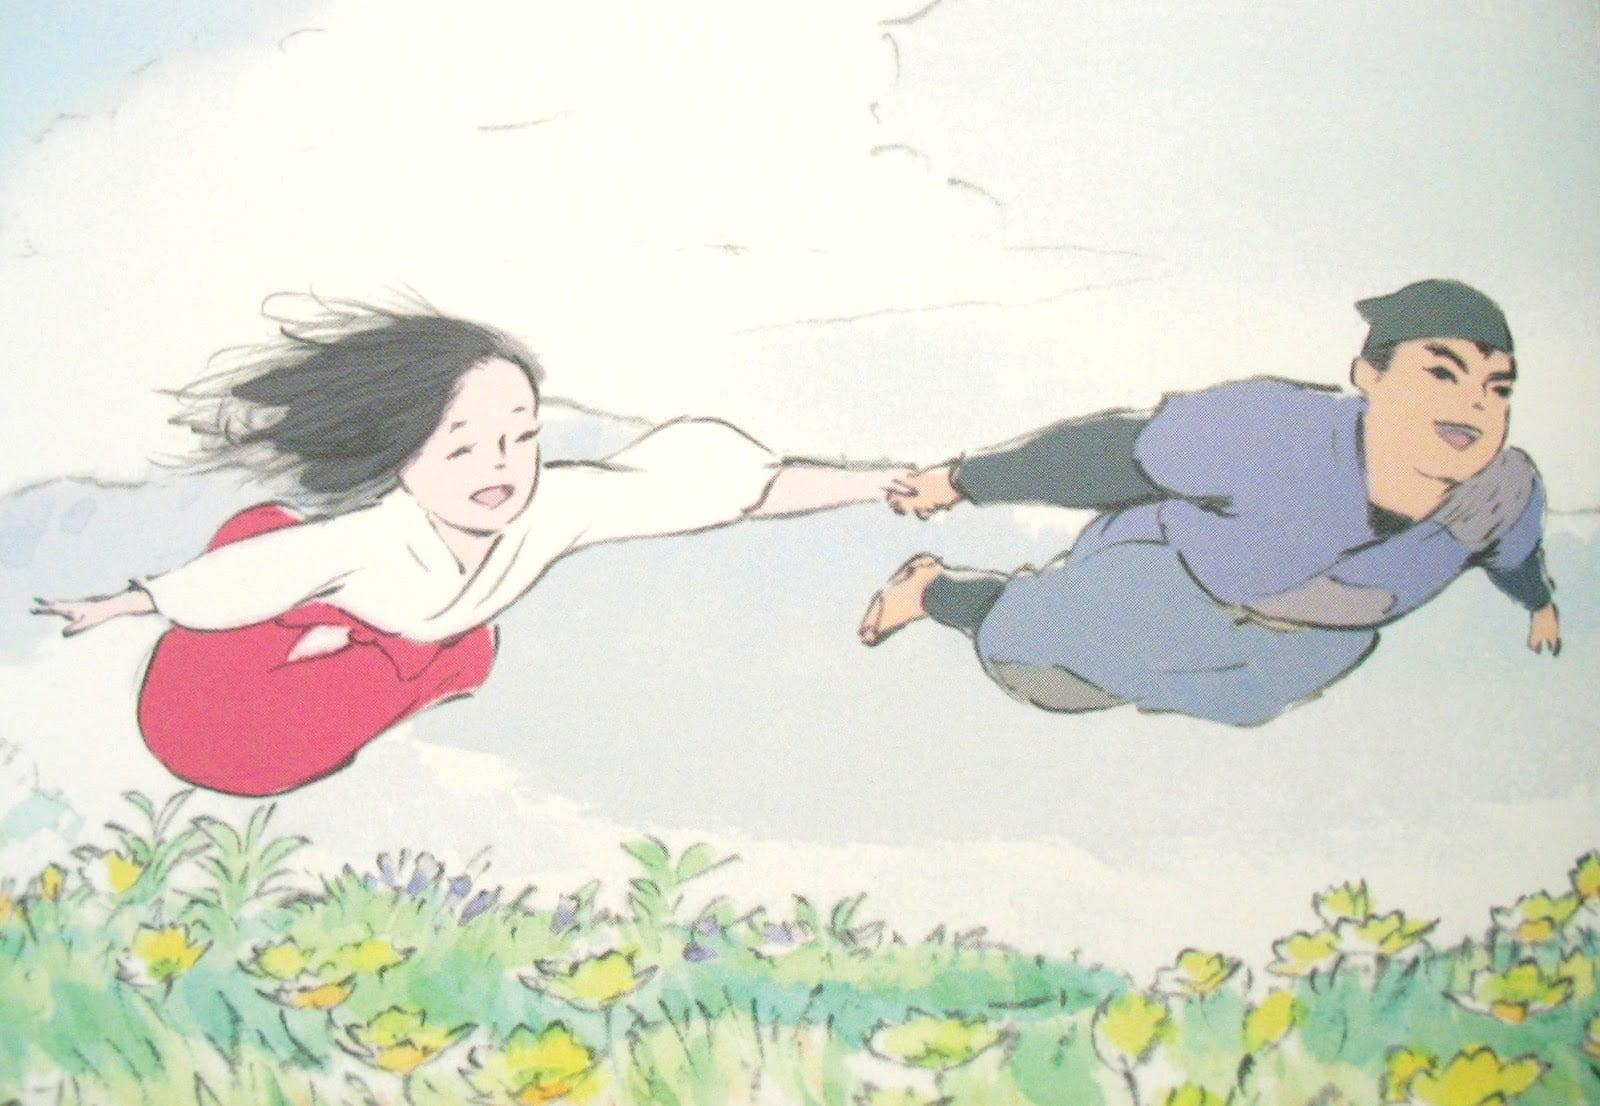 I 7 Anime Più Profondi Di Quanto Sembrino 12 - Hynerd.it